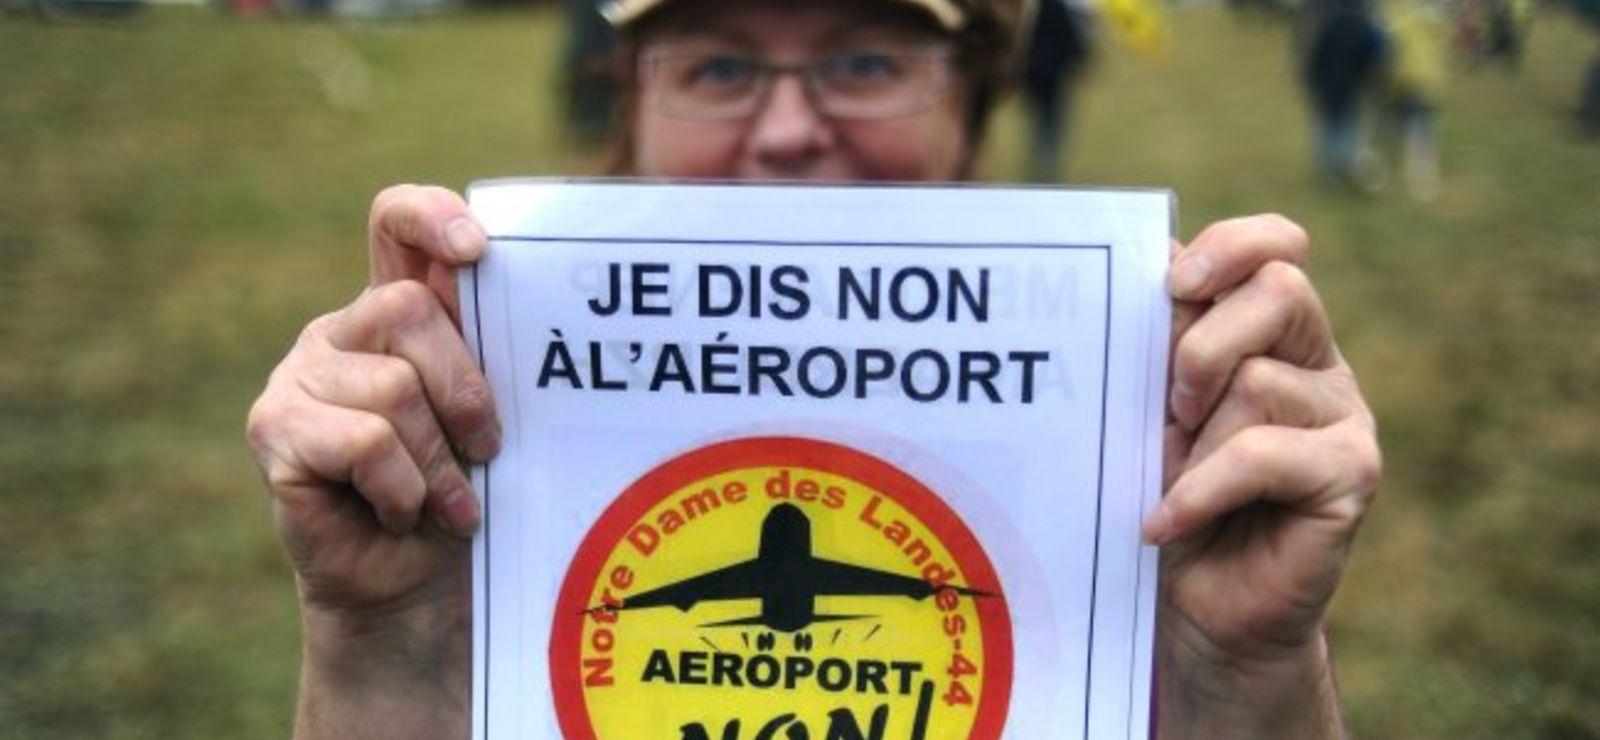 Notre-Dame-des-Landes : marché de dupes autour des projets d'aéroport et de liaisons ferroviaires